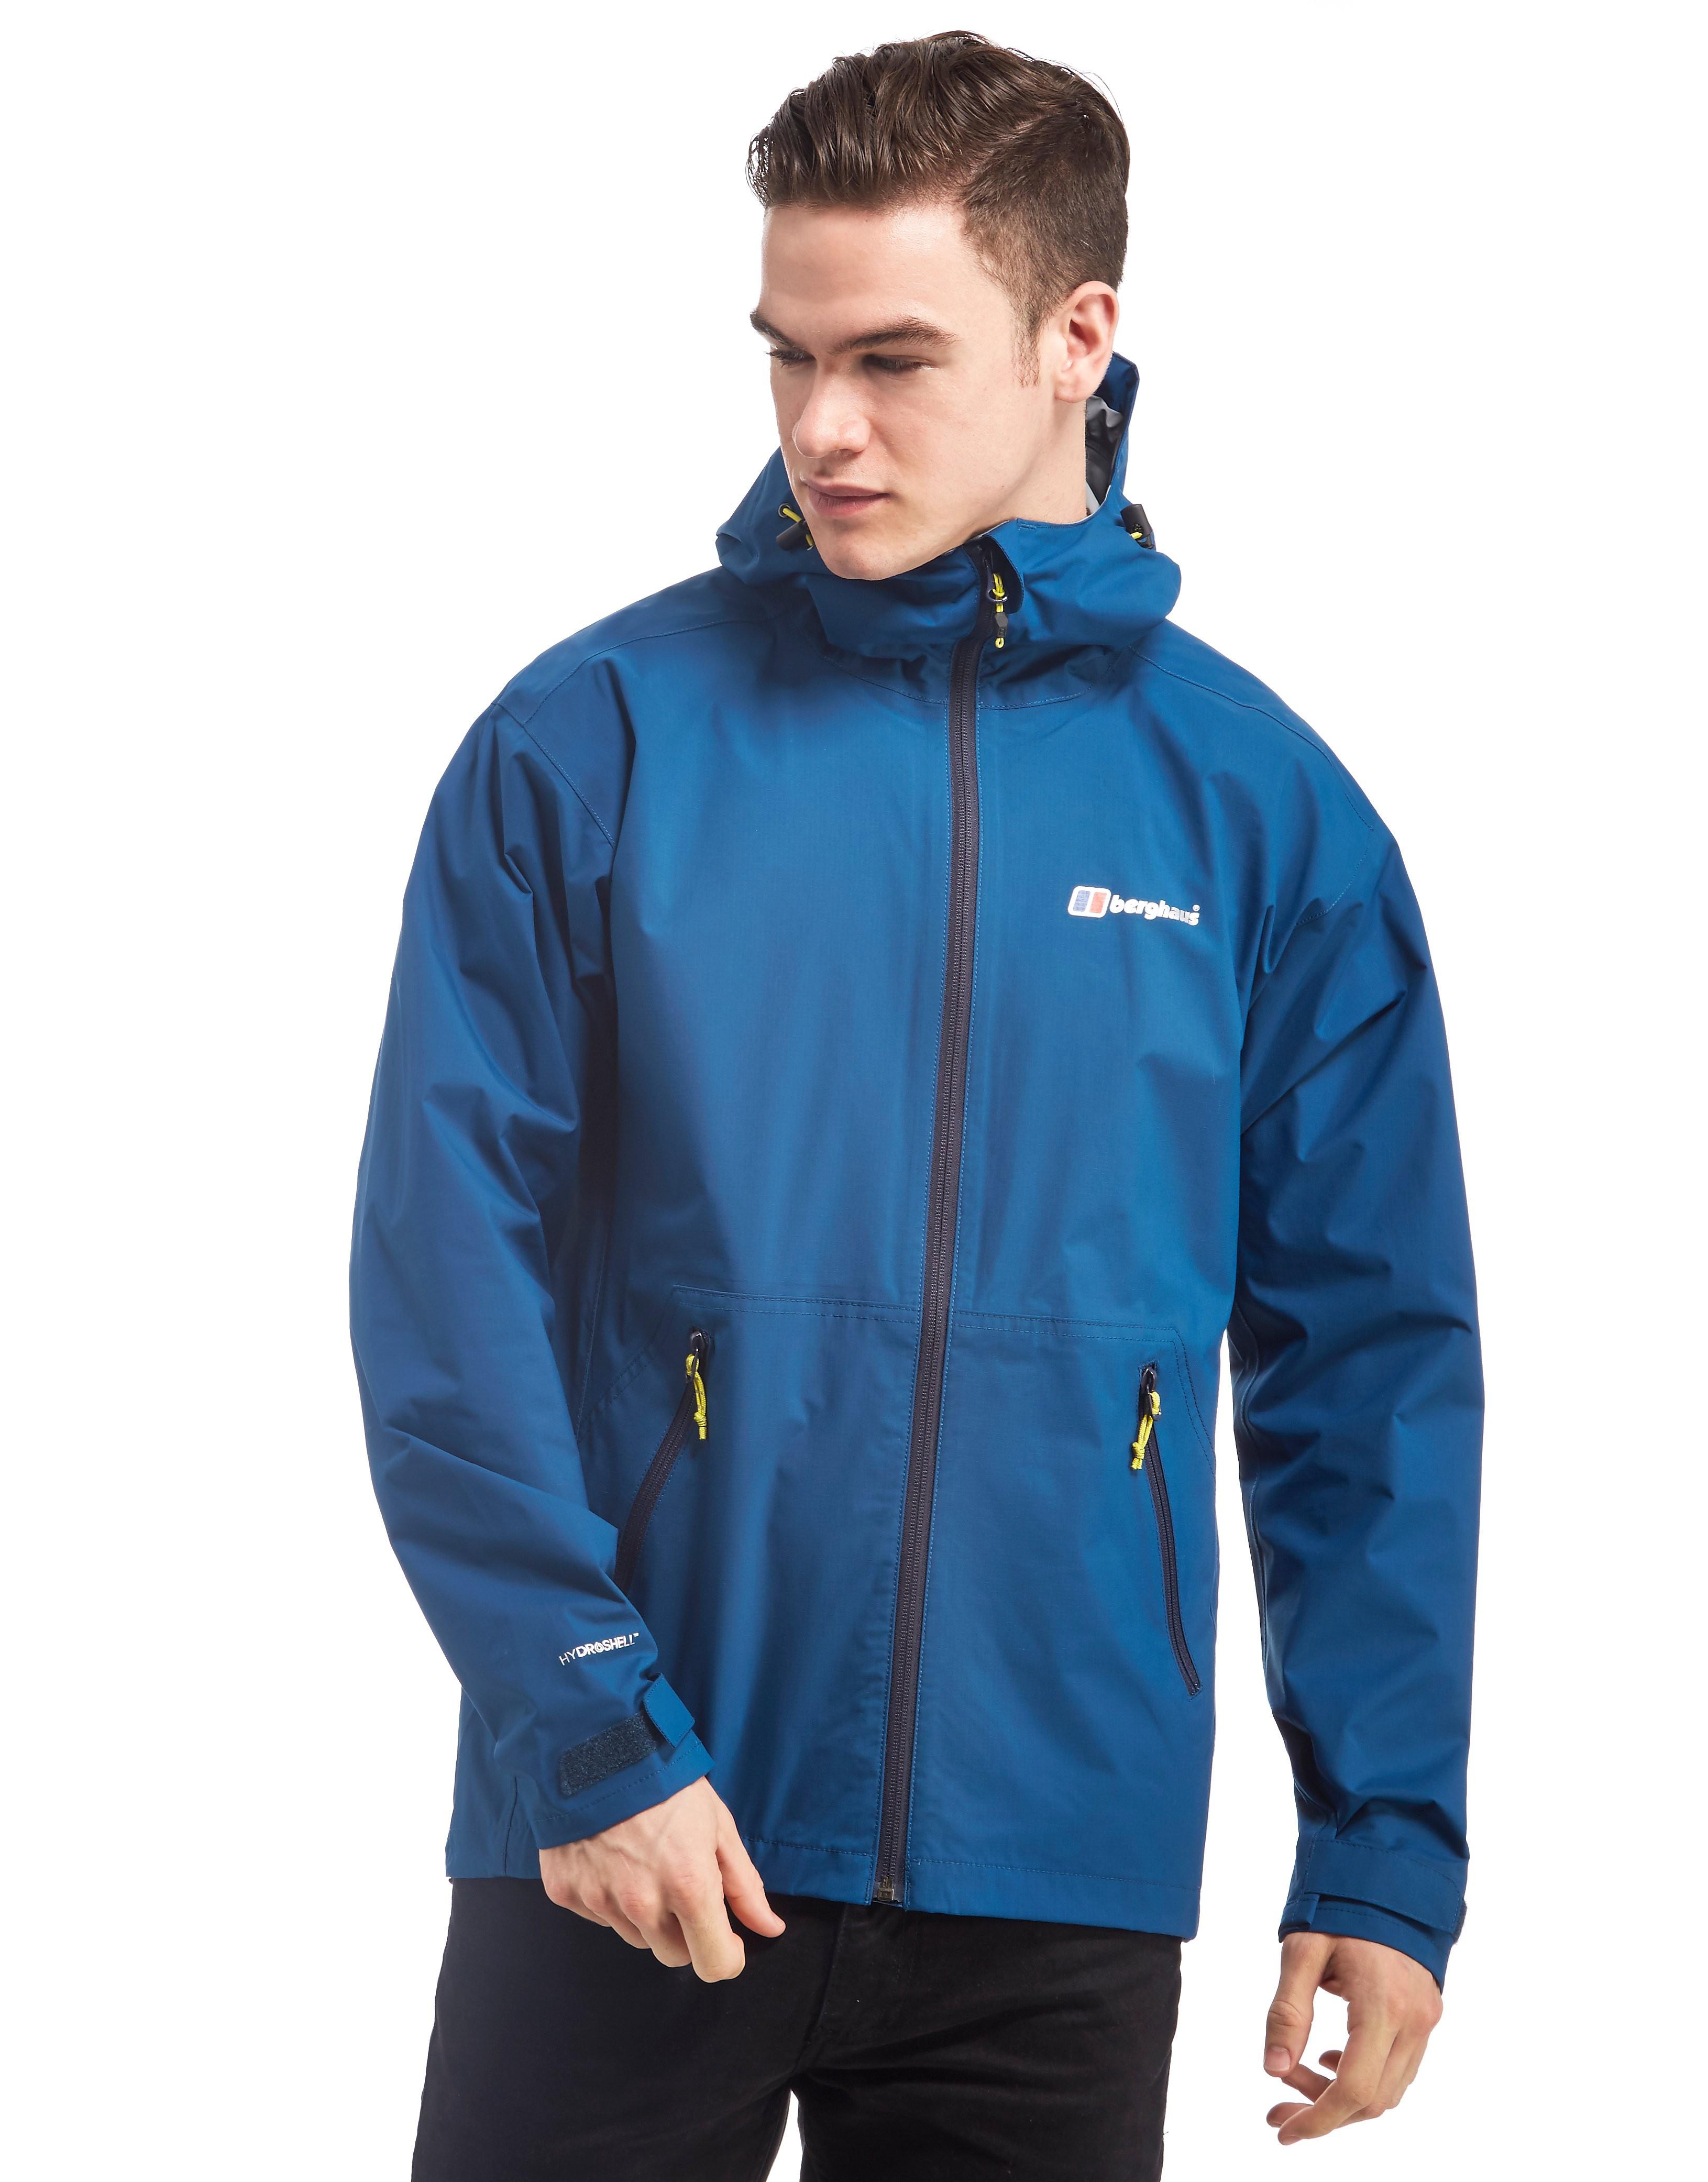 Berghaus Stormcloud Shell Jacket